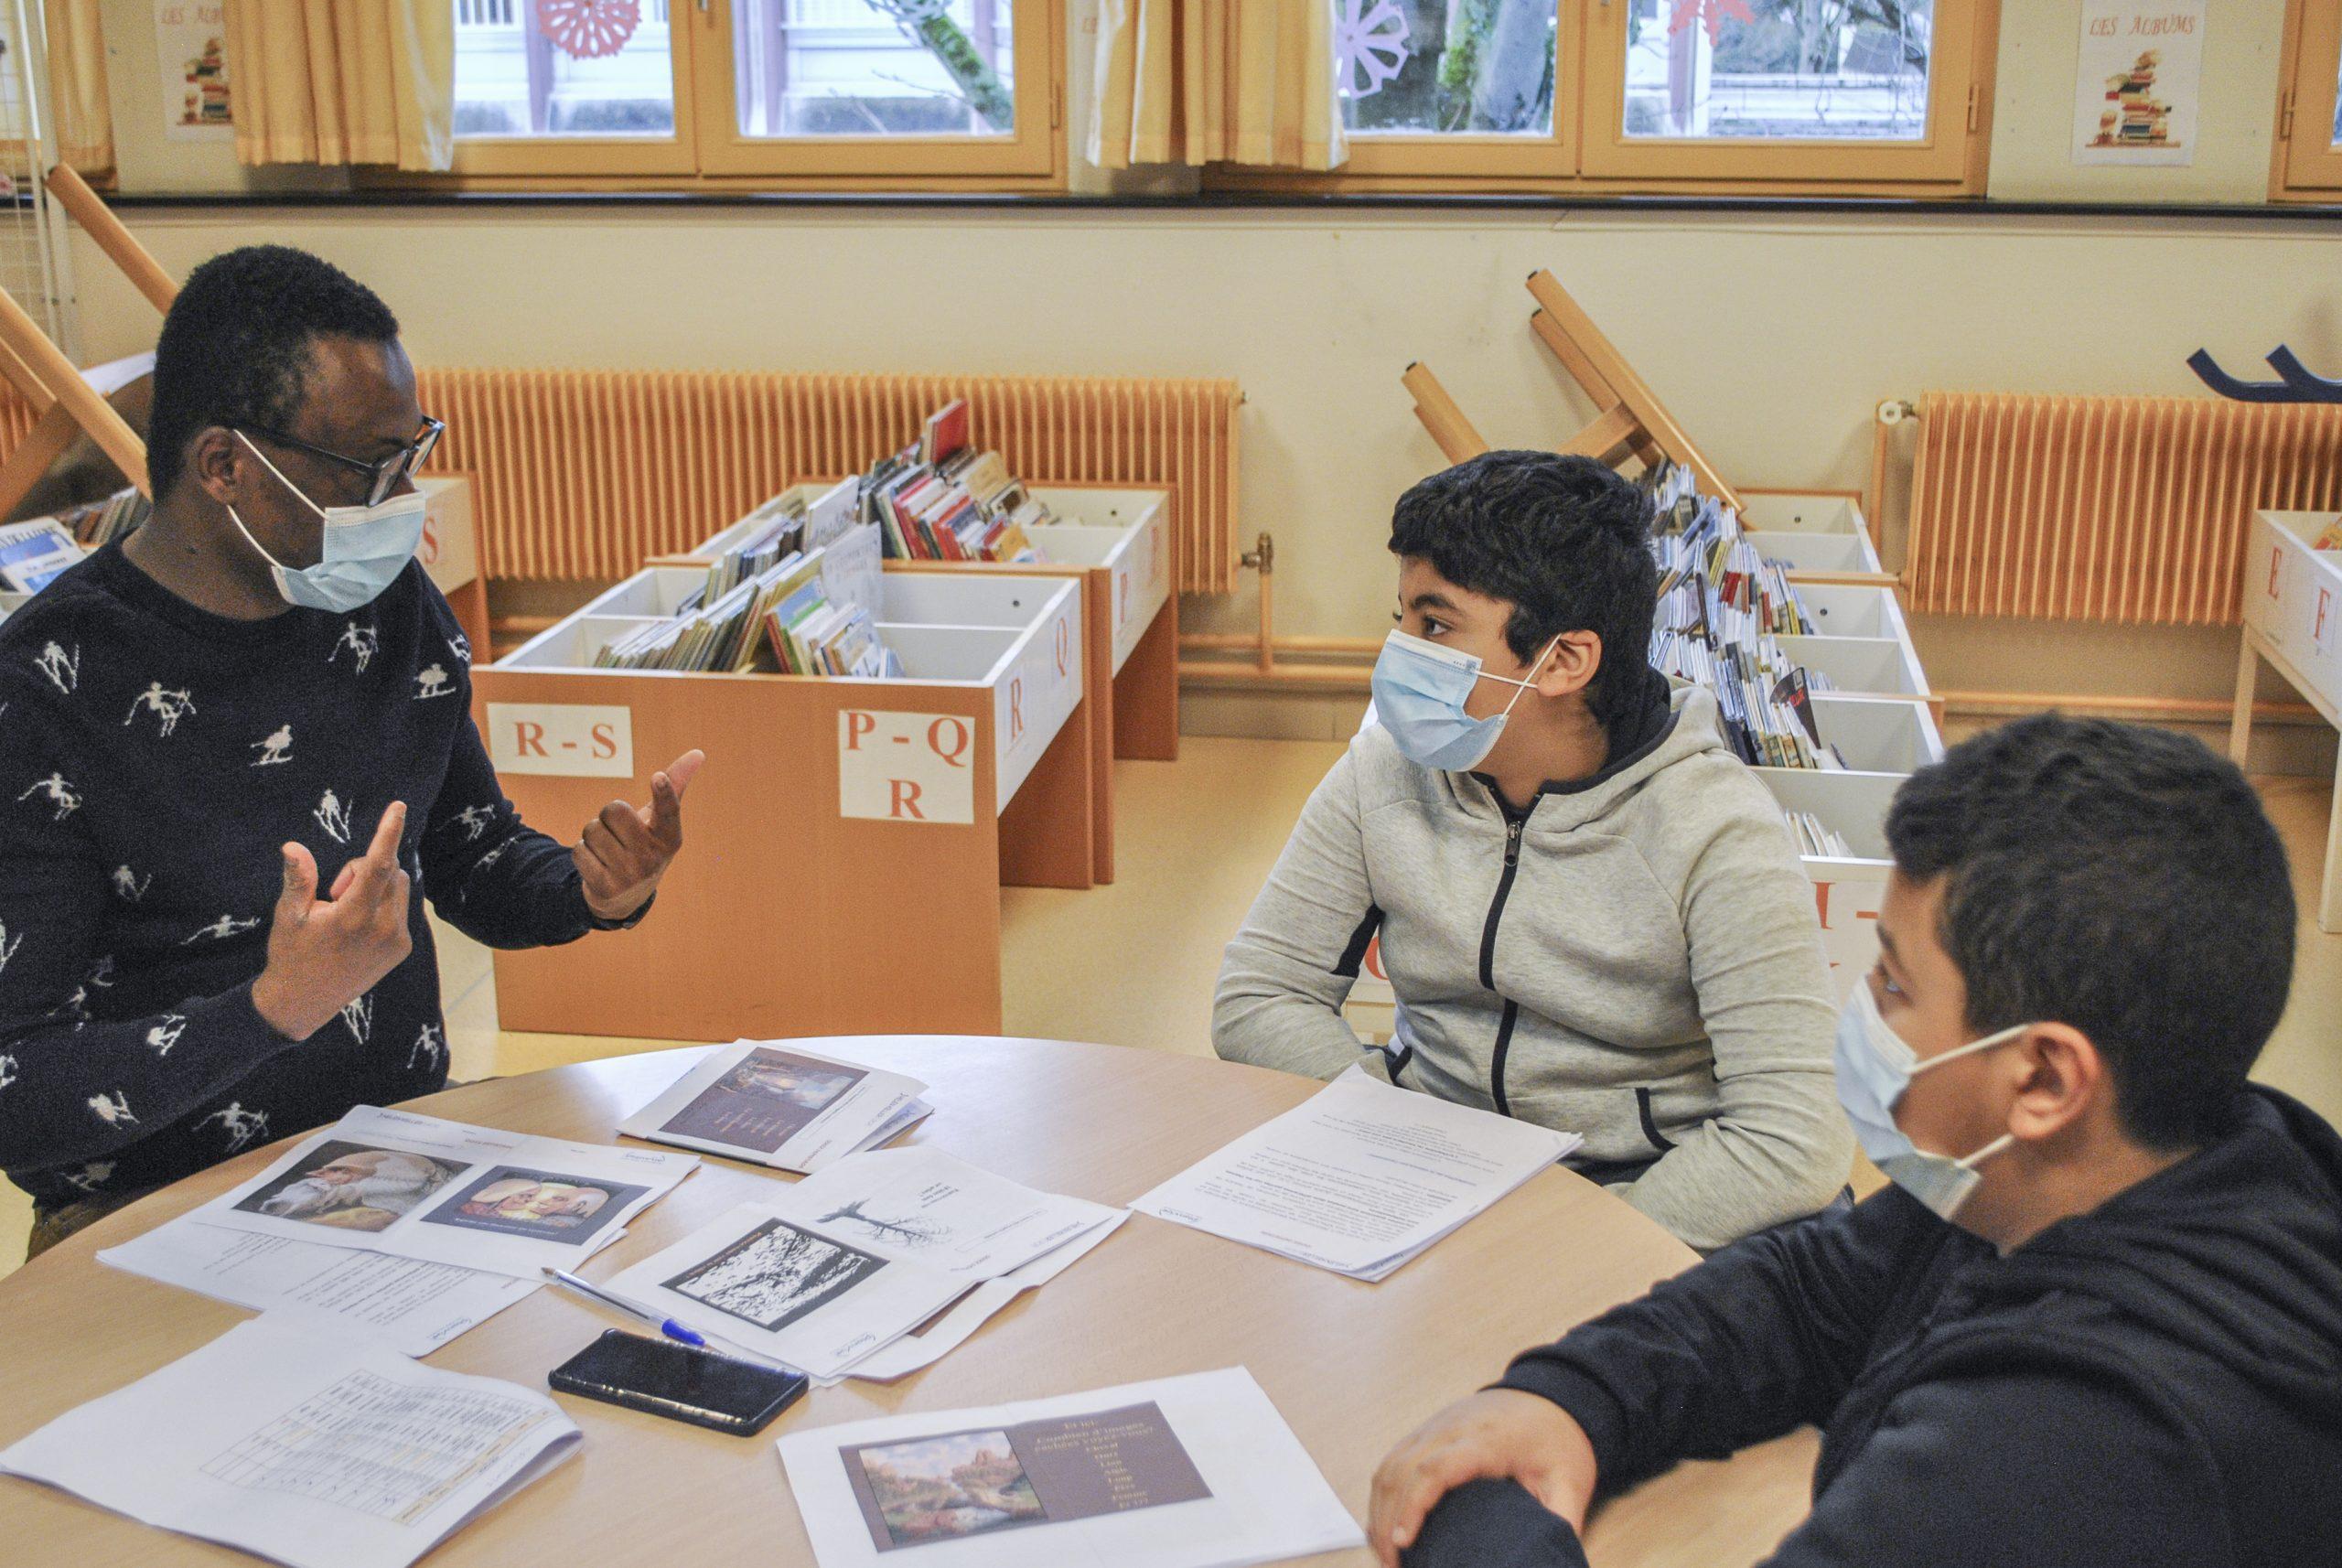 Un membre de l'équipe PlanVue sensibilise des élèves à l'importance de la vue